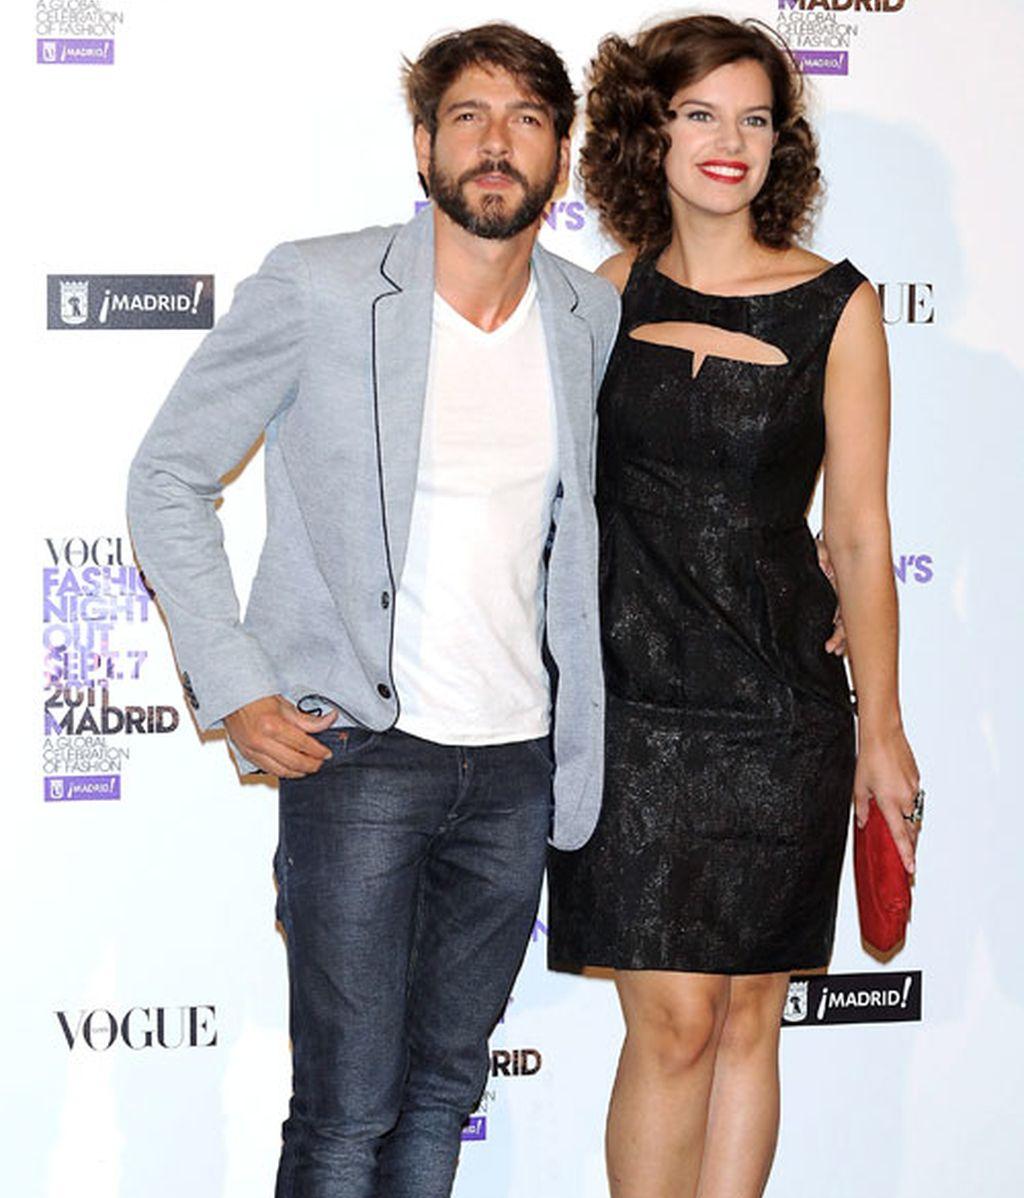 Feliciano se cambia de look y Marta Sánchez posa en plan Madonna